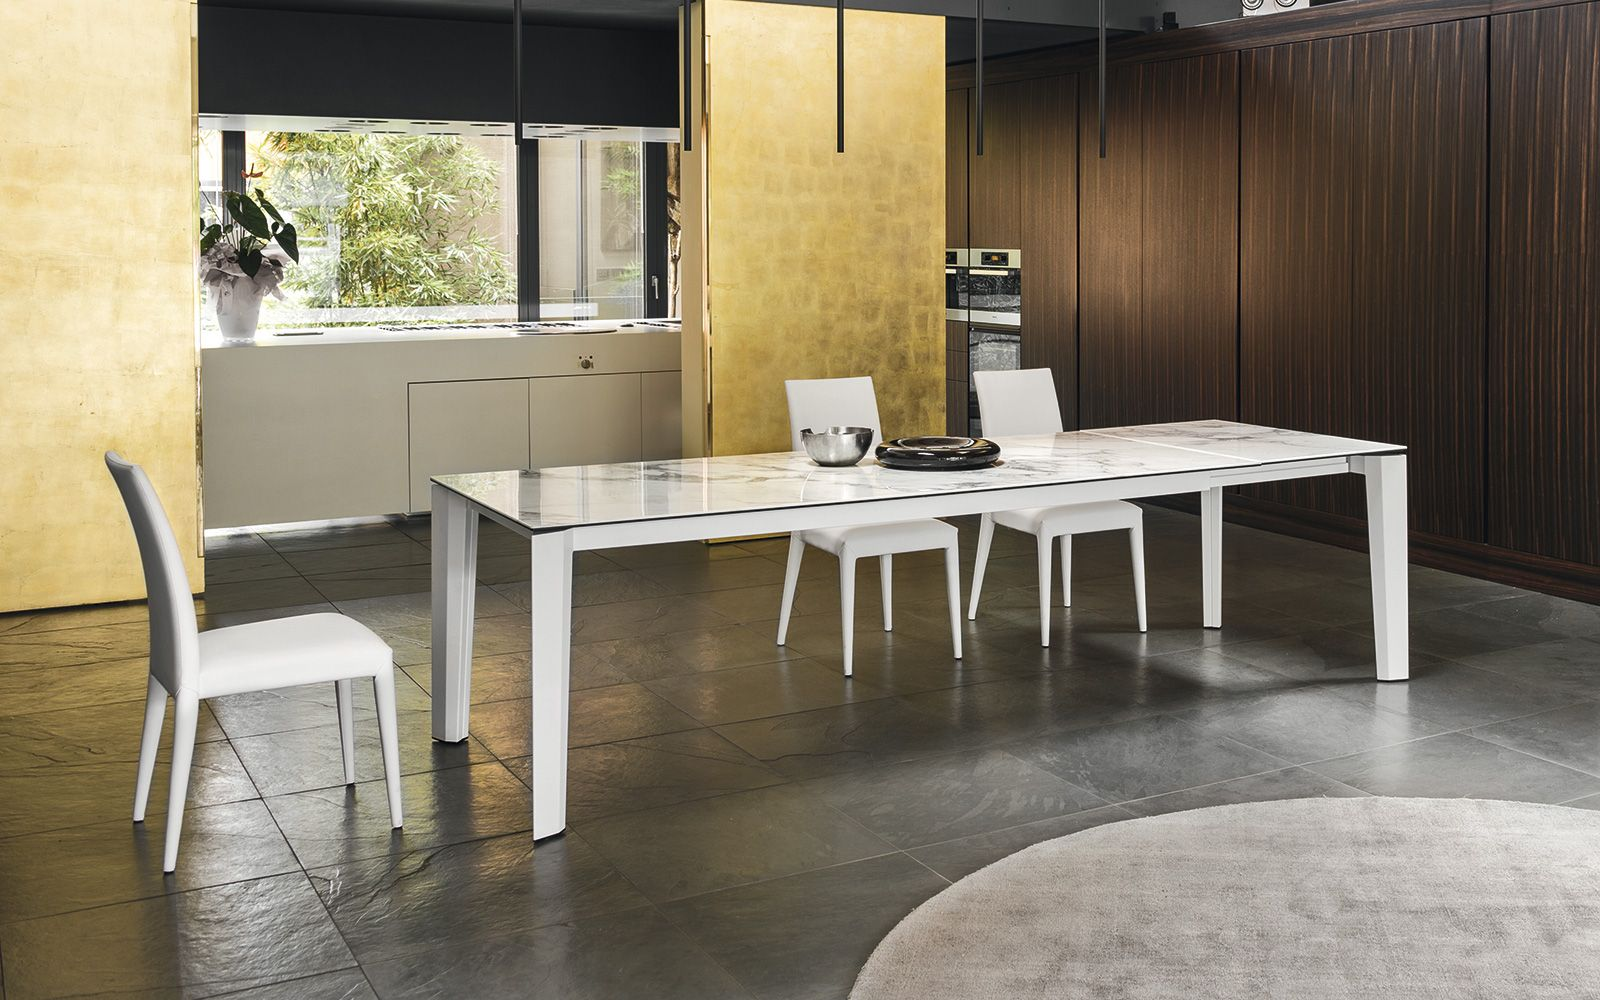 Tavolo Calligaris Delta vetro ceramica | Sedie moderne | Pinterest ...